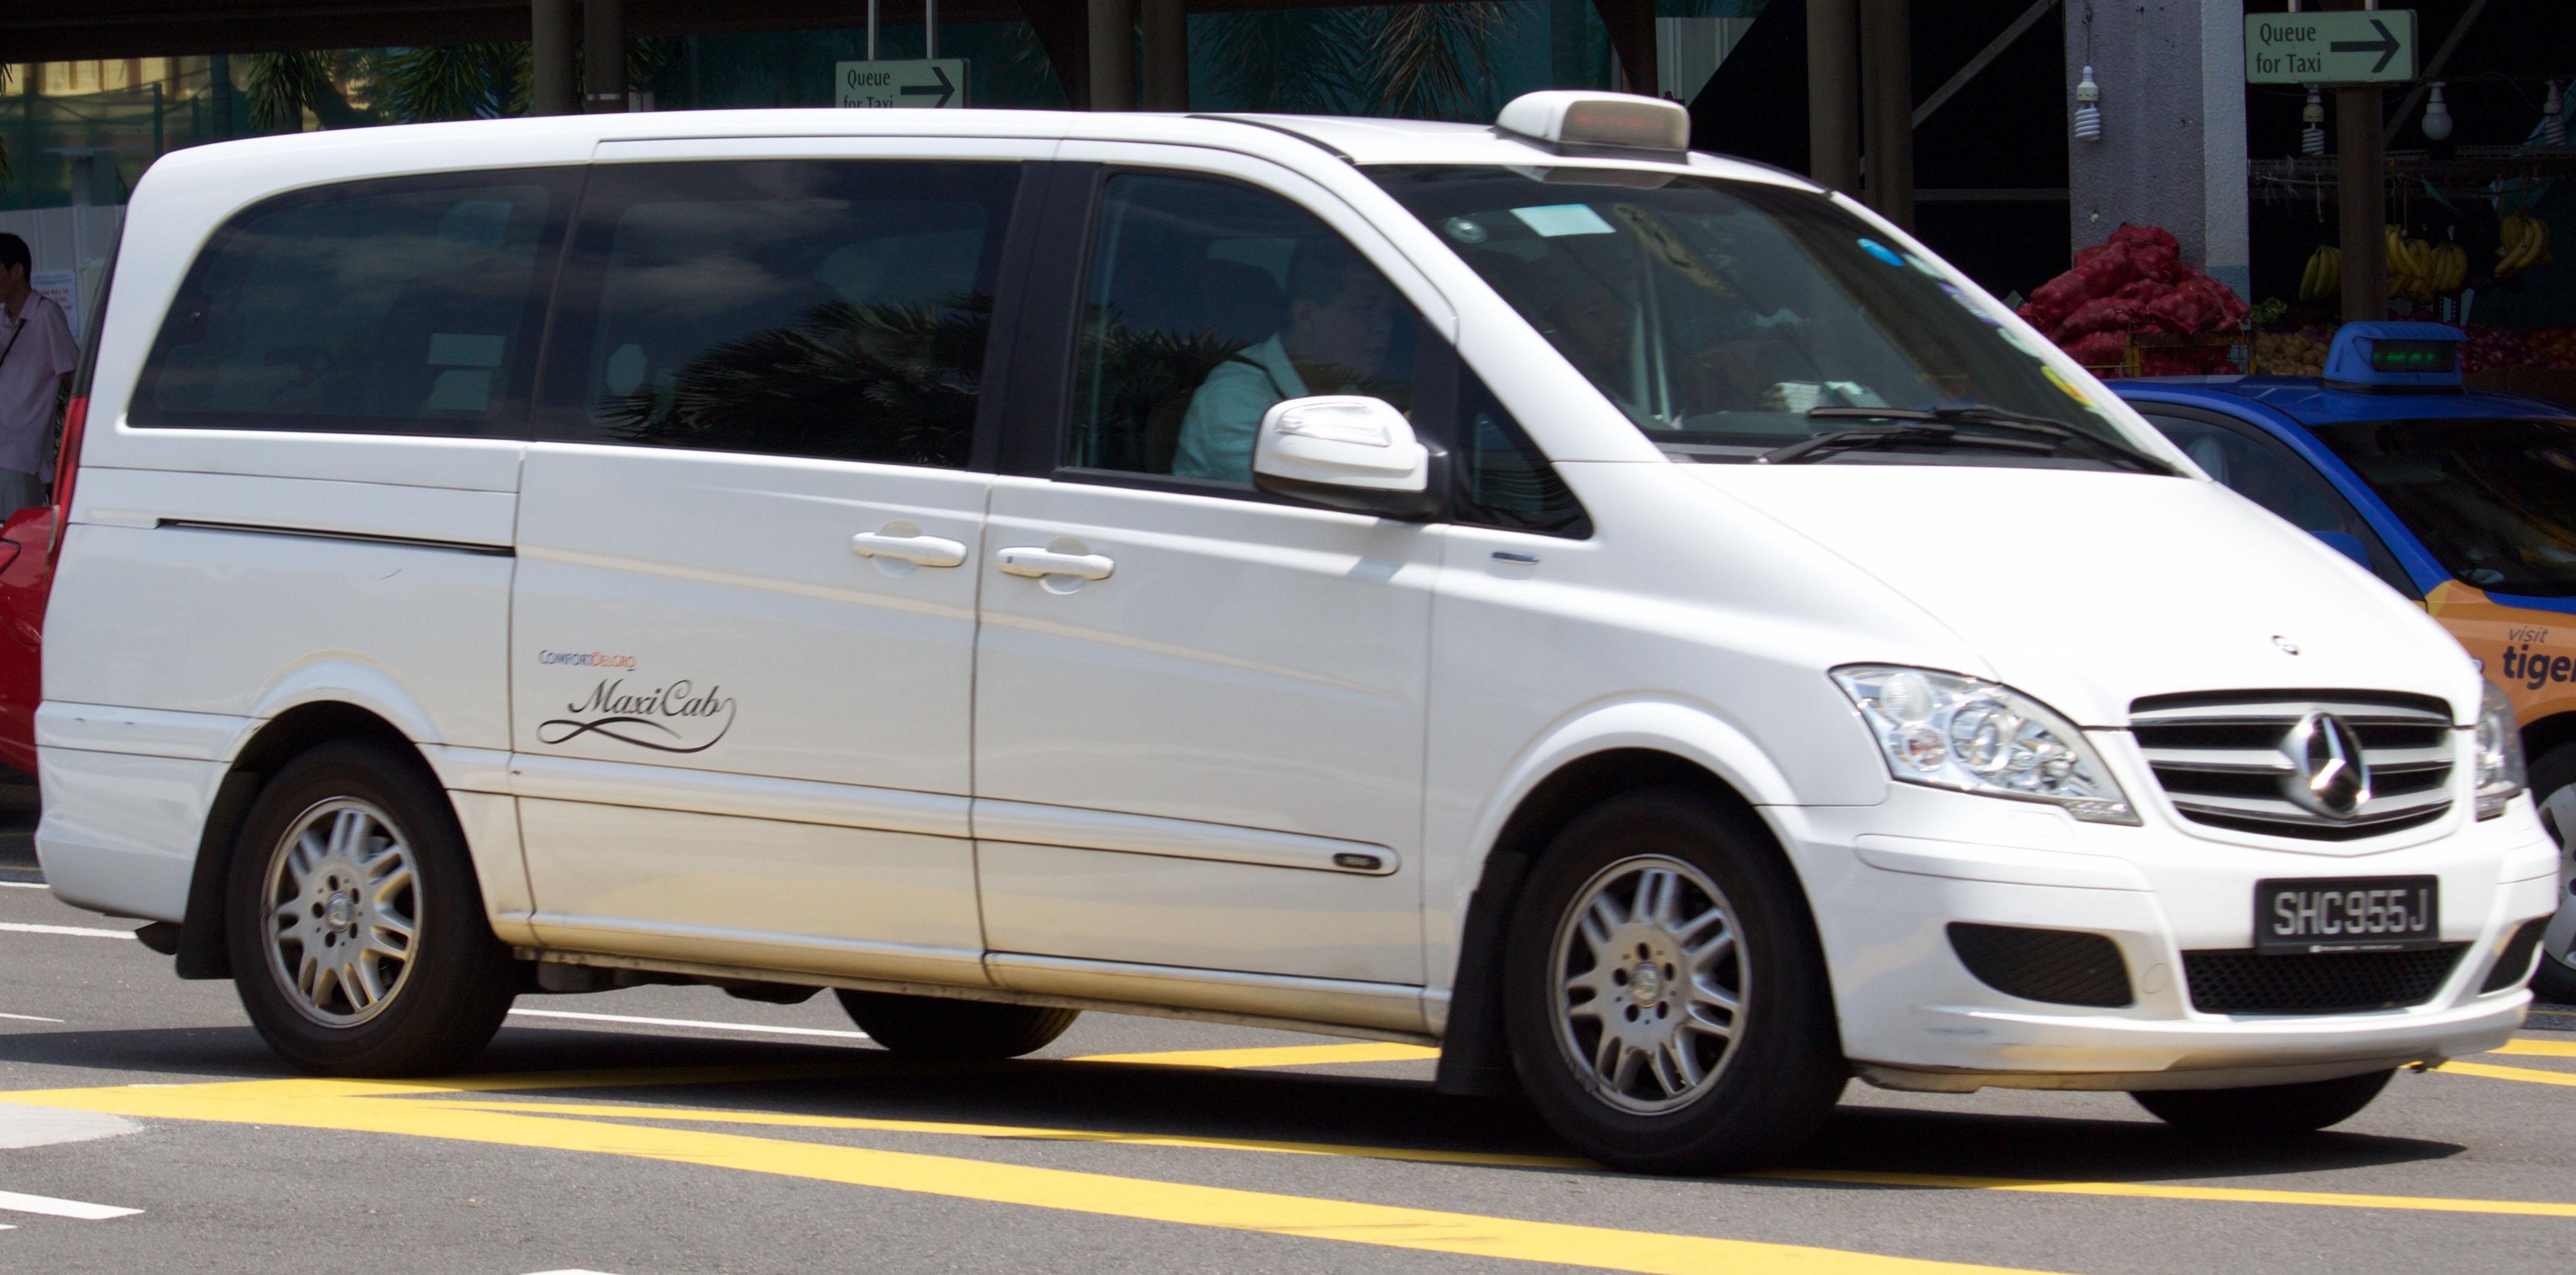 file 2013 mercedes benz viano v 639 2 2 cdi trend van comfortdelgro maxicab taxi 2016 01 06. Black Bedroom Furniture Sets. Home Design Ideas